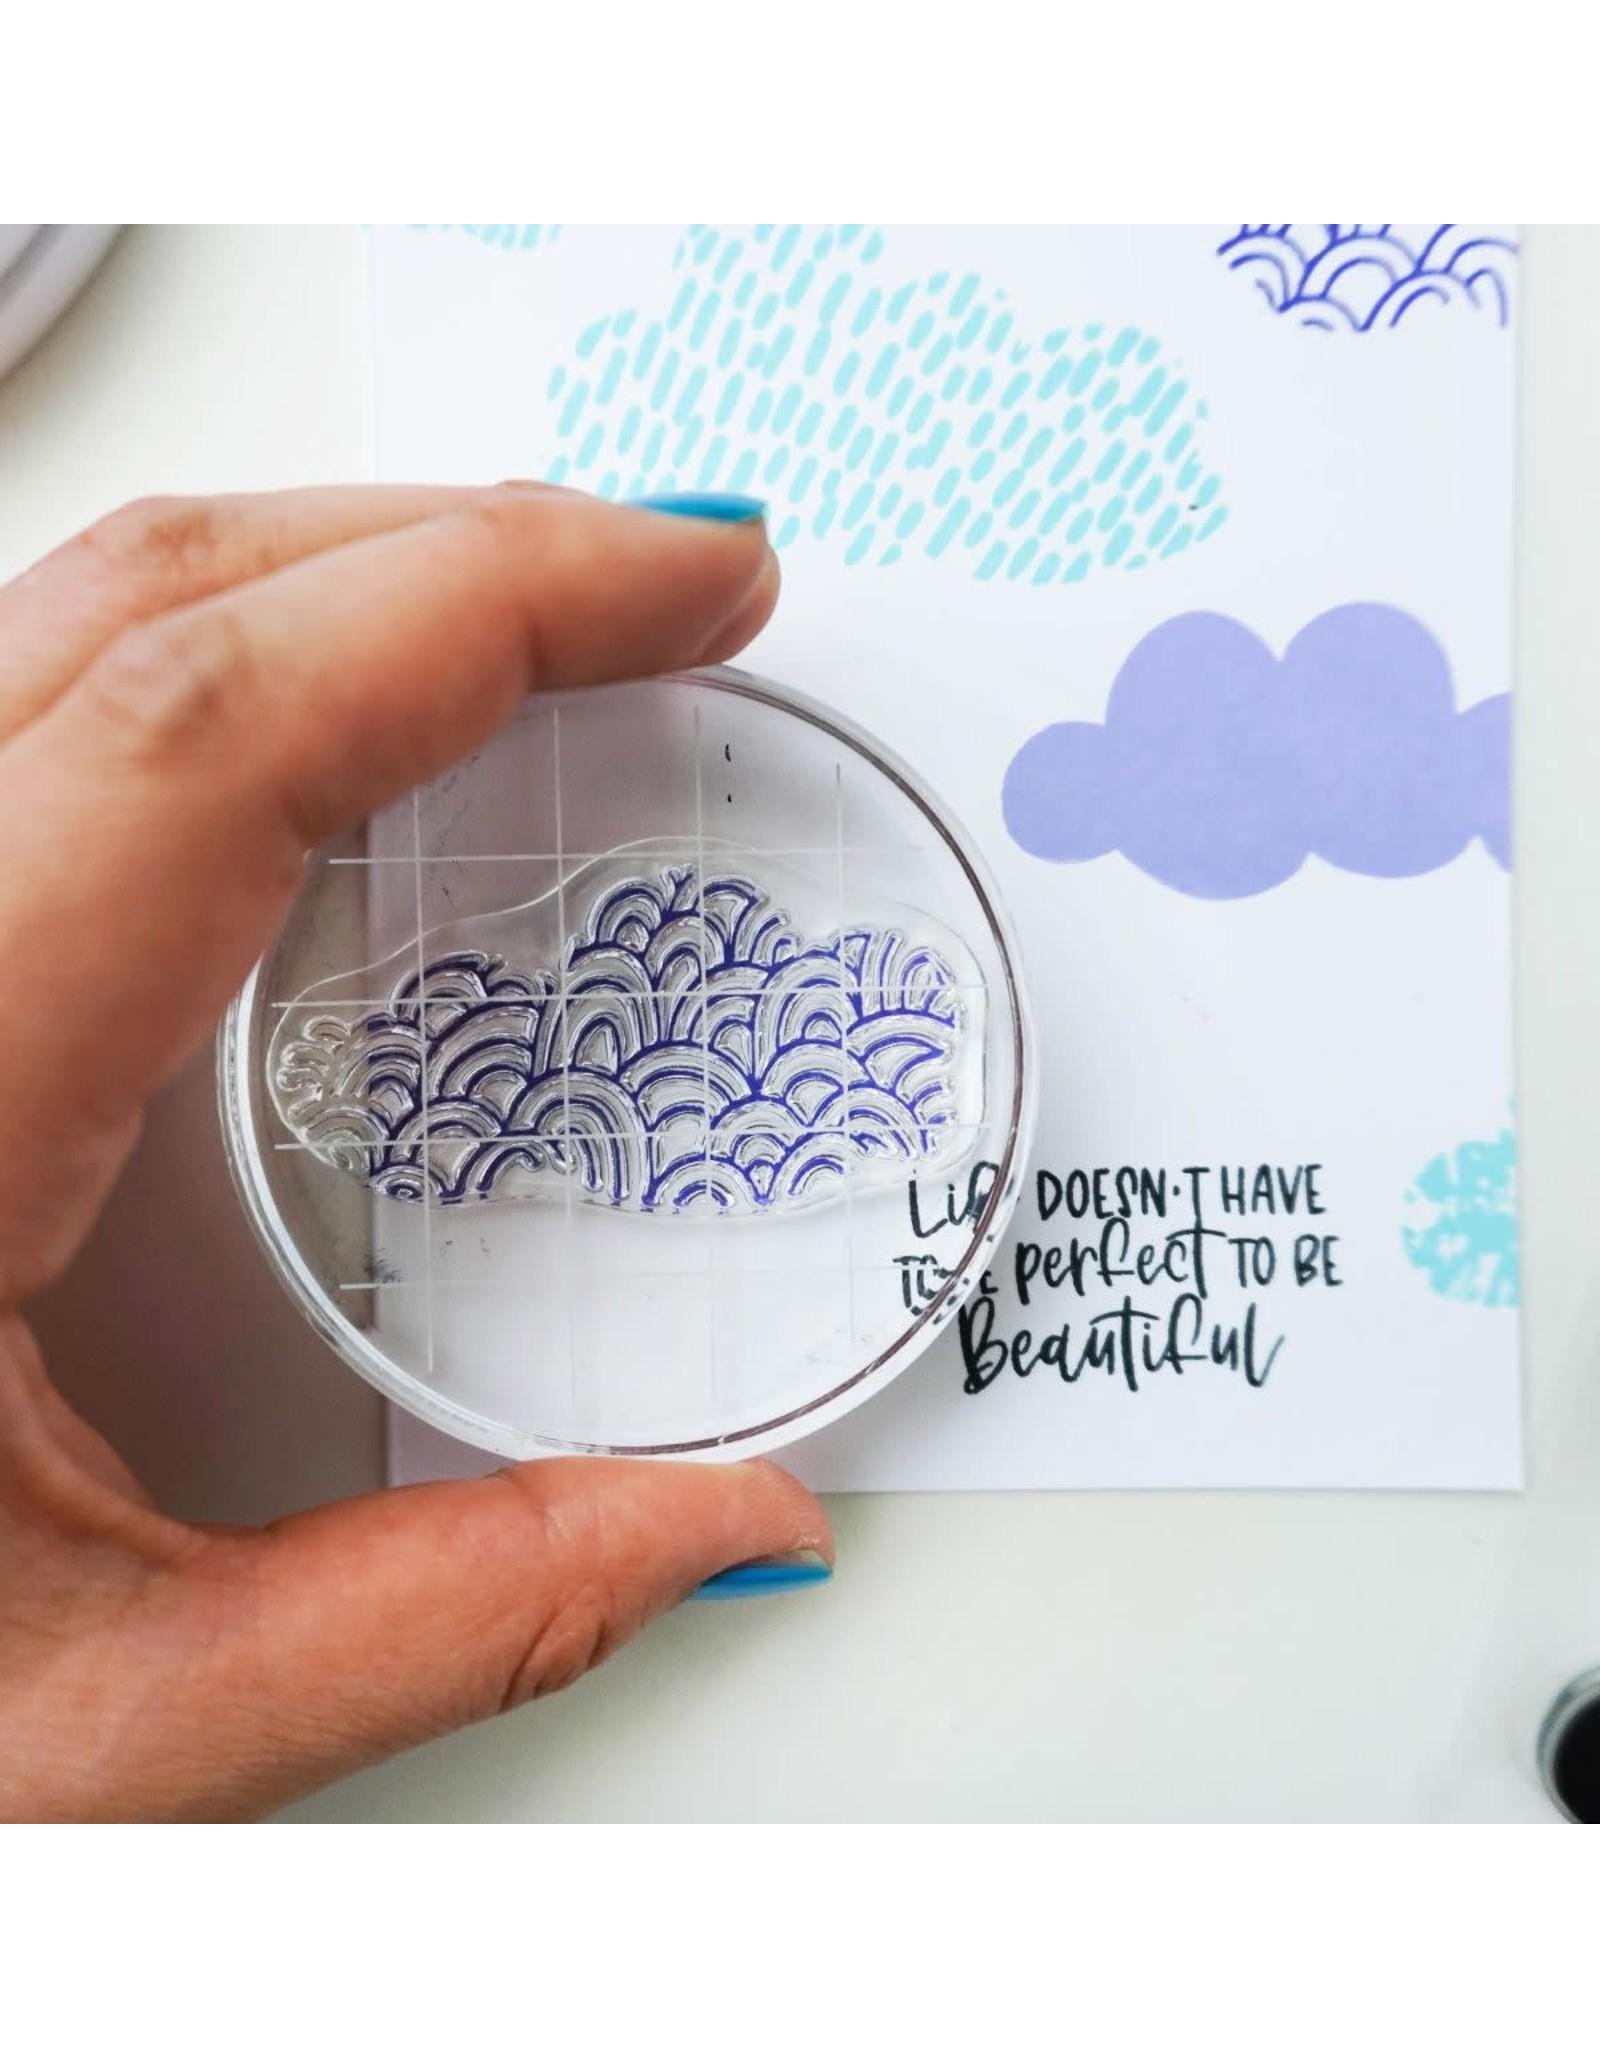 Catherine Pooler Designs April Showers April Showers Stamp Set